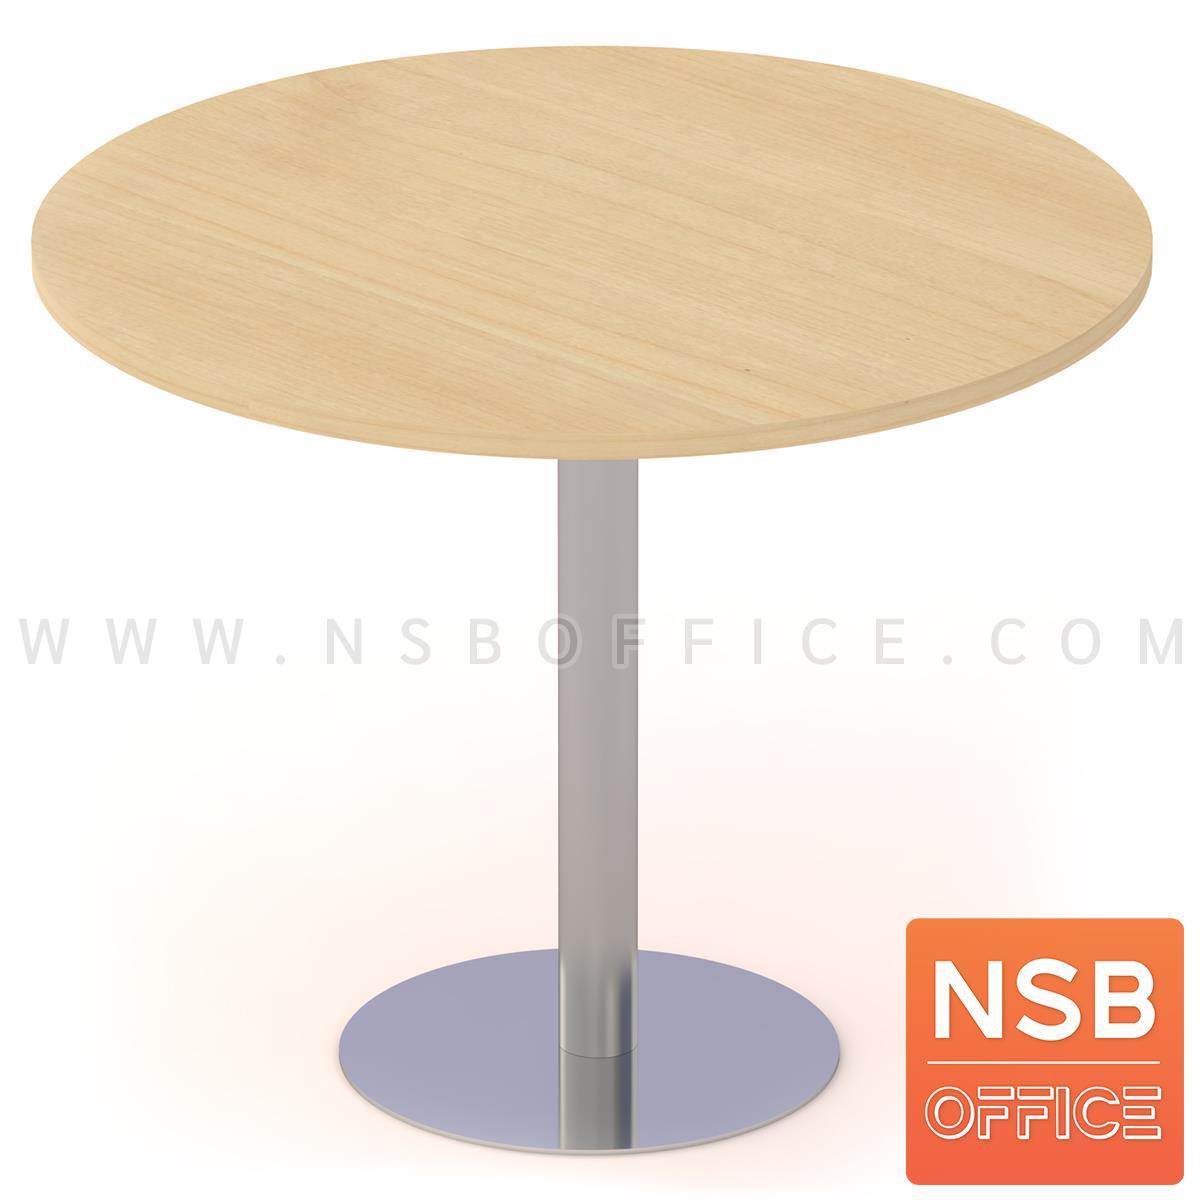 A05A006:โต๊ะประชุมทรงกลม รุ่น Ingle (อินเกิล) 4 ที่นั่ง 90Di cm.   ฐานสเตนเลส